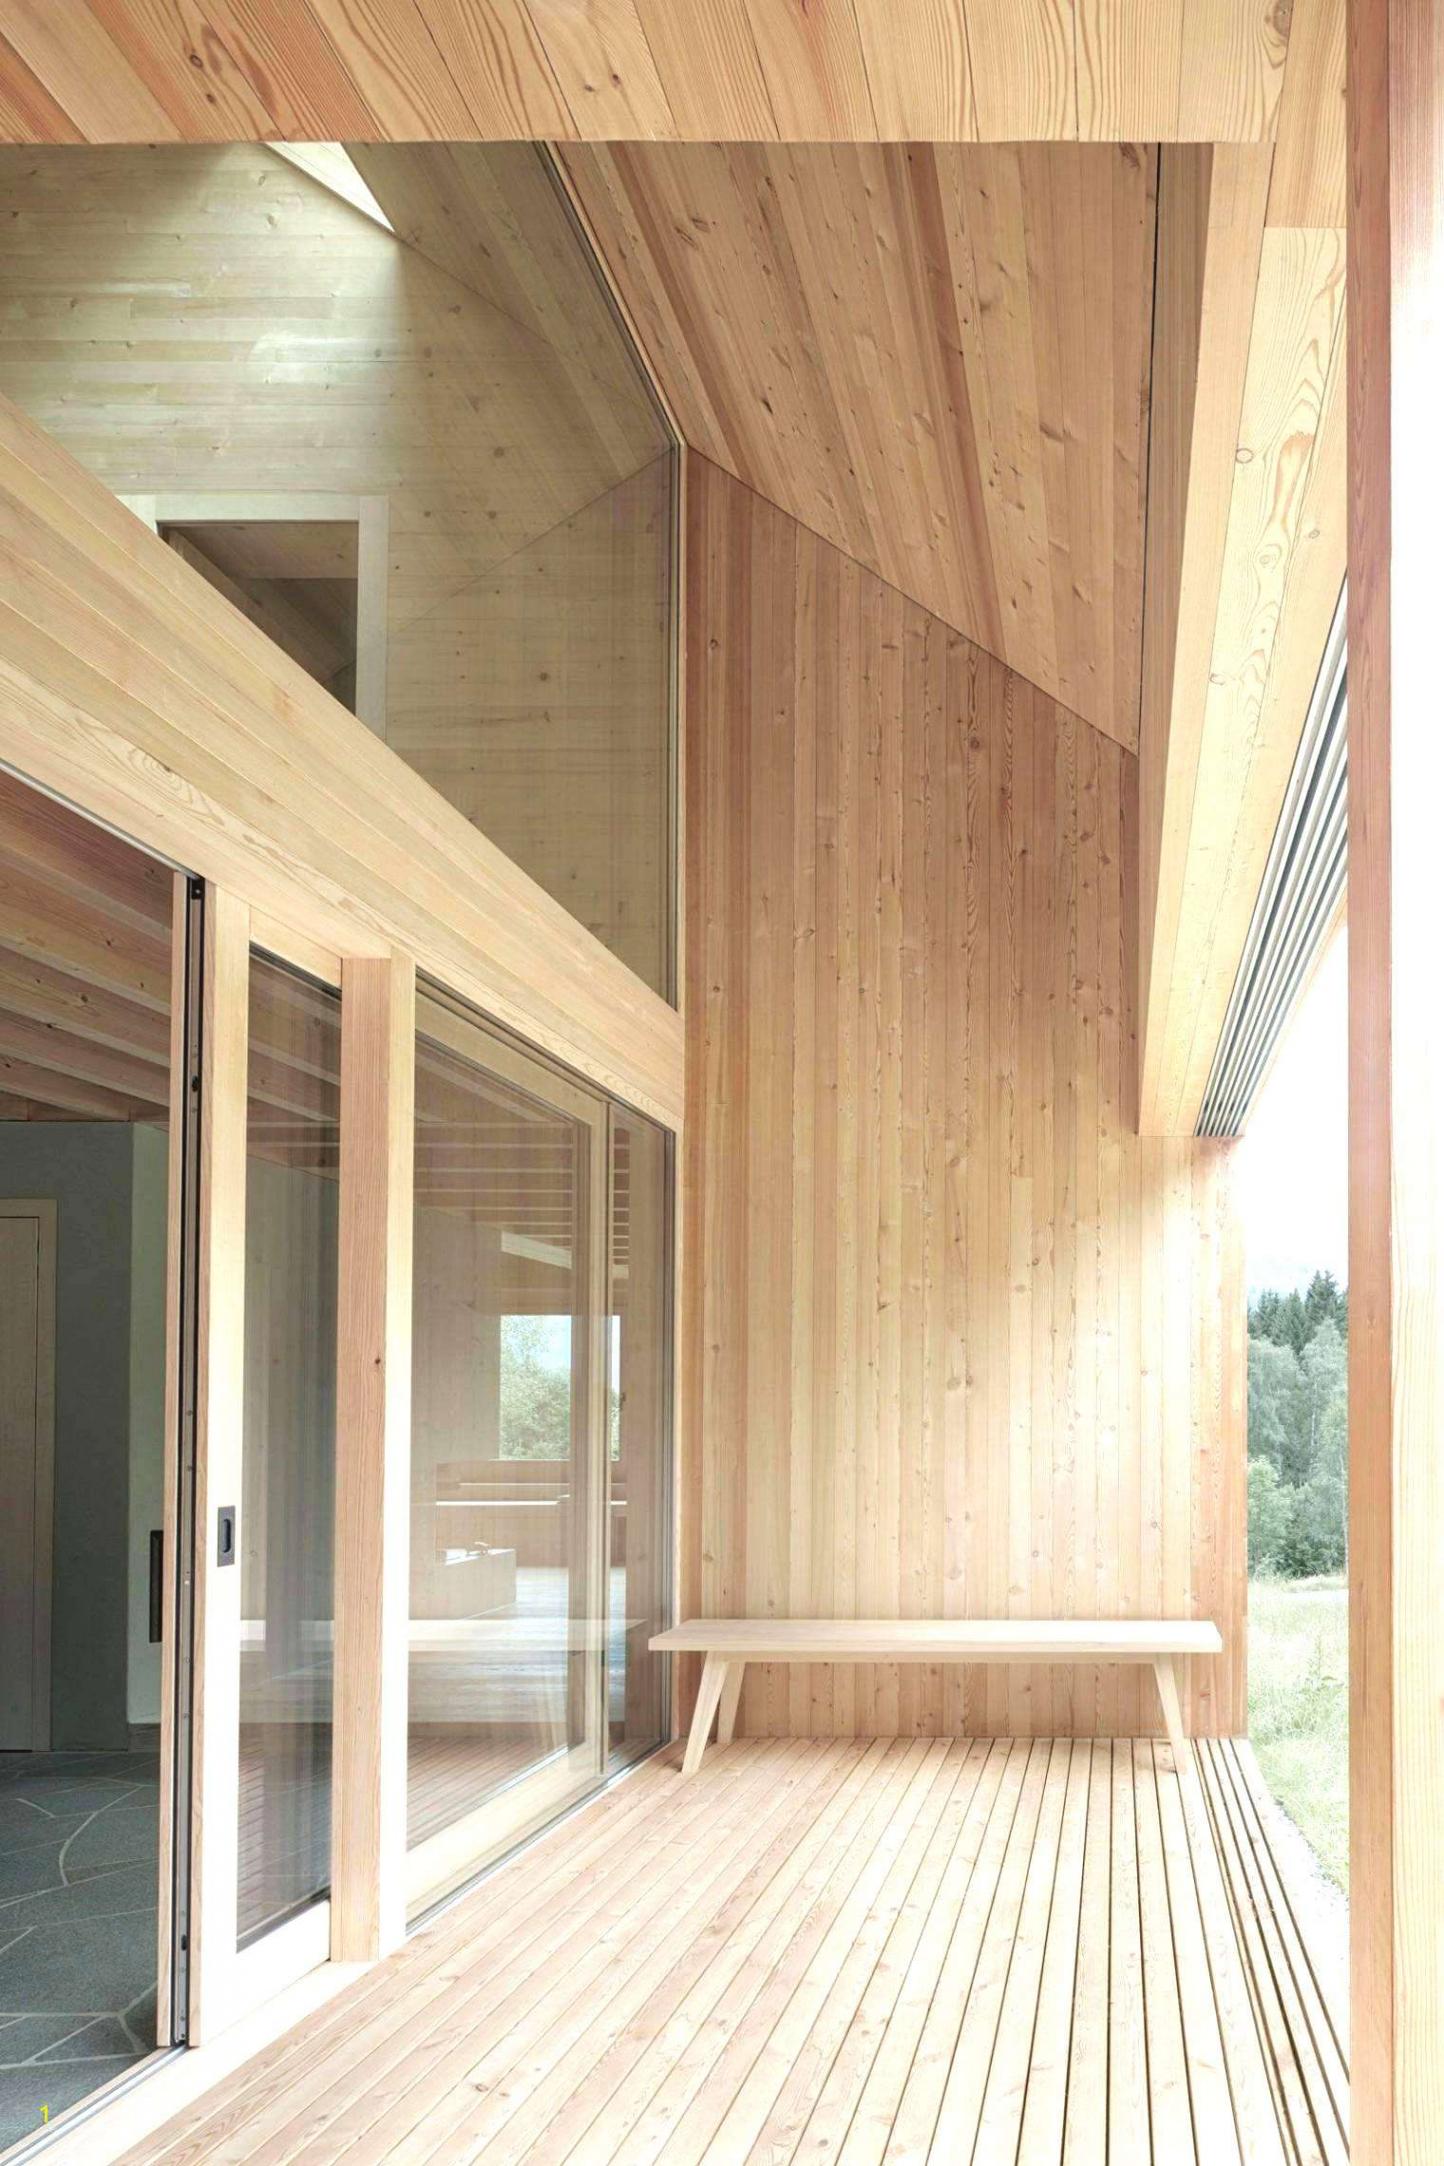 Balkon Ideen Luxus sonnenschutz Balkon Ideen — Temobardz Home Blog